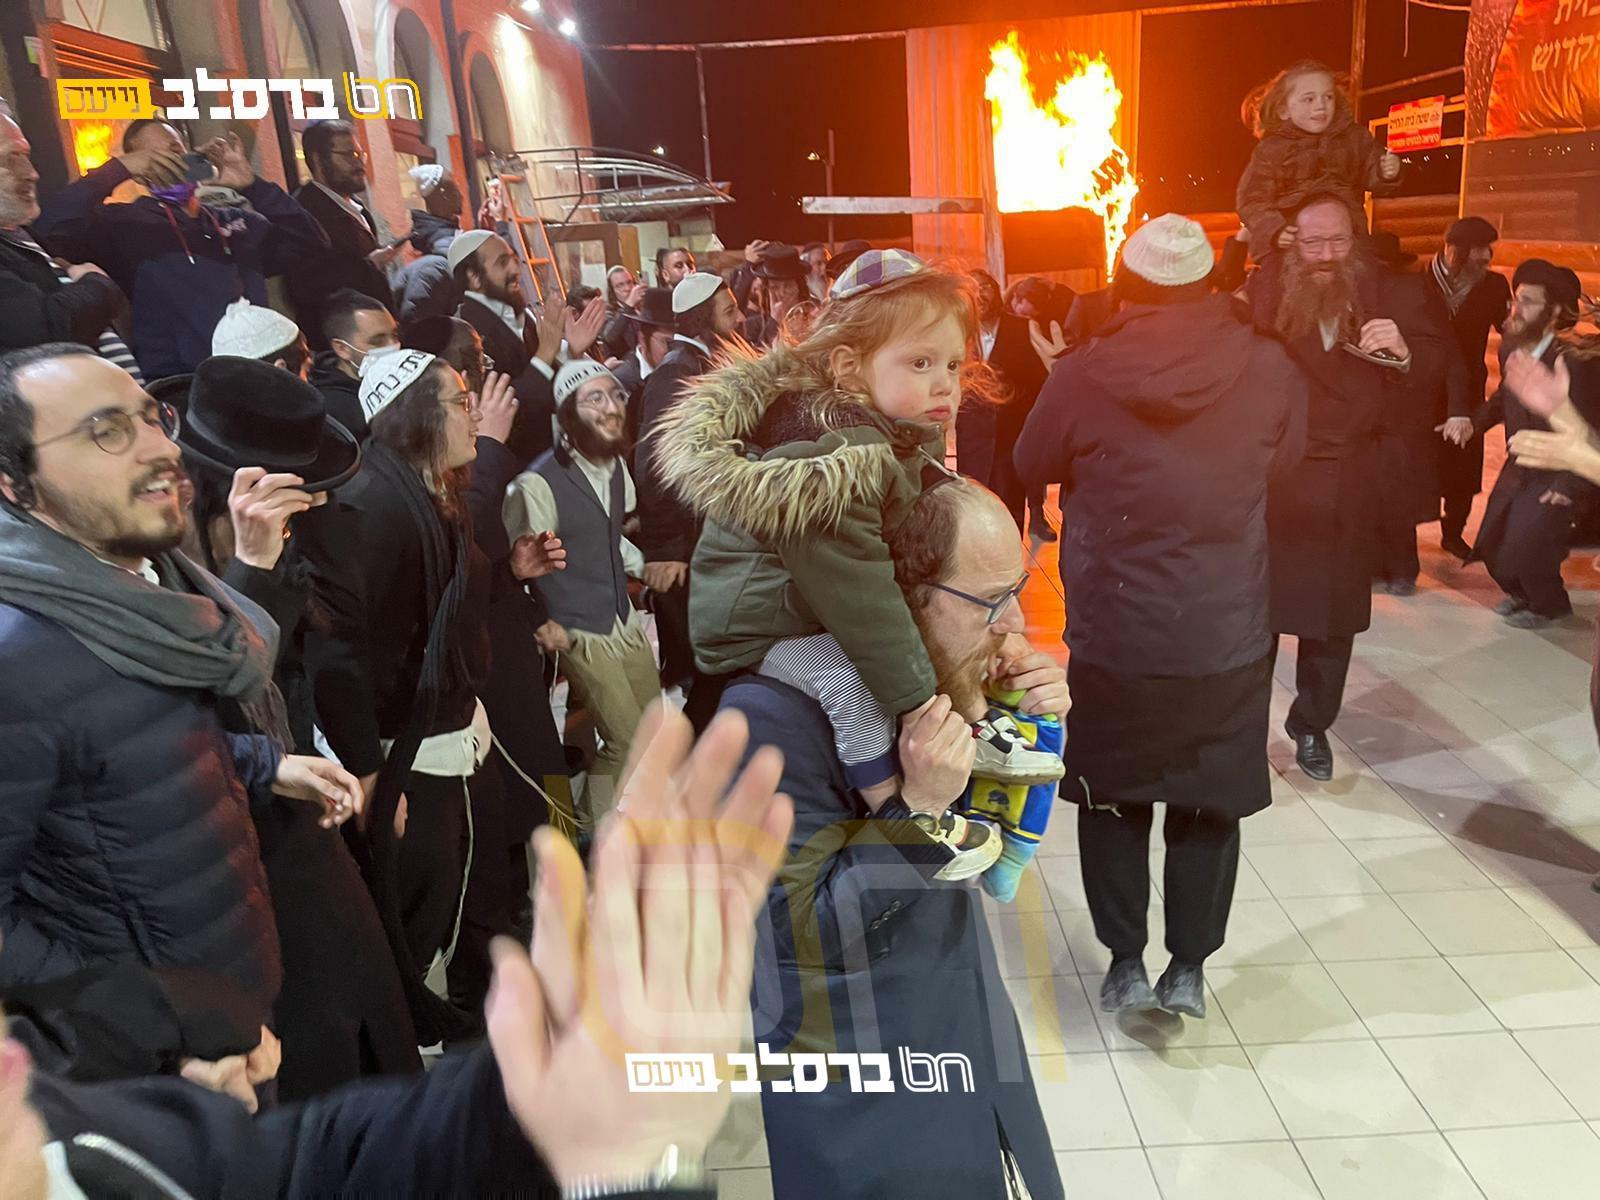 לִכְבוֹד הַתַּנָּא הָאֱלוֹקִי • צפו בהדלקה בציון רבינו הקדוש באומן • גלריה